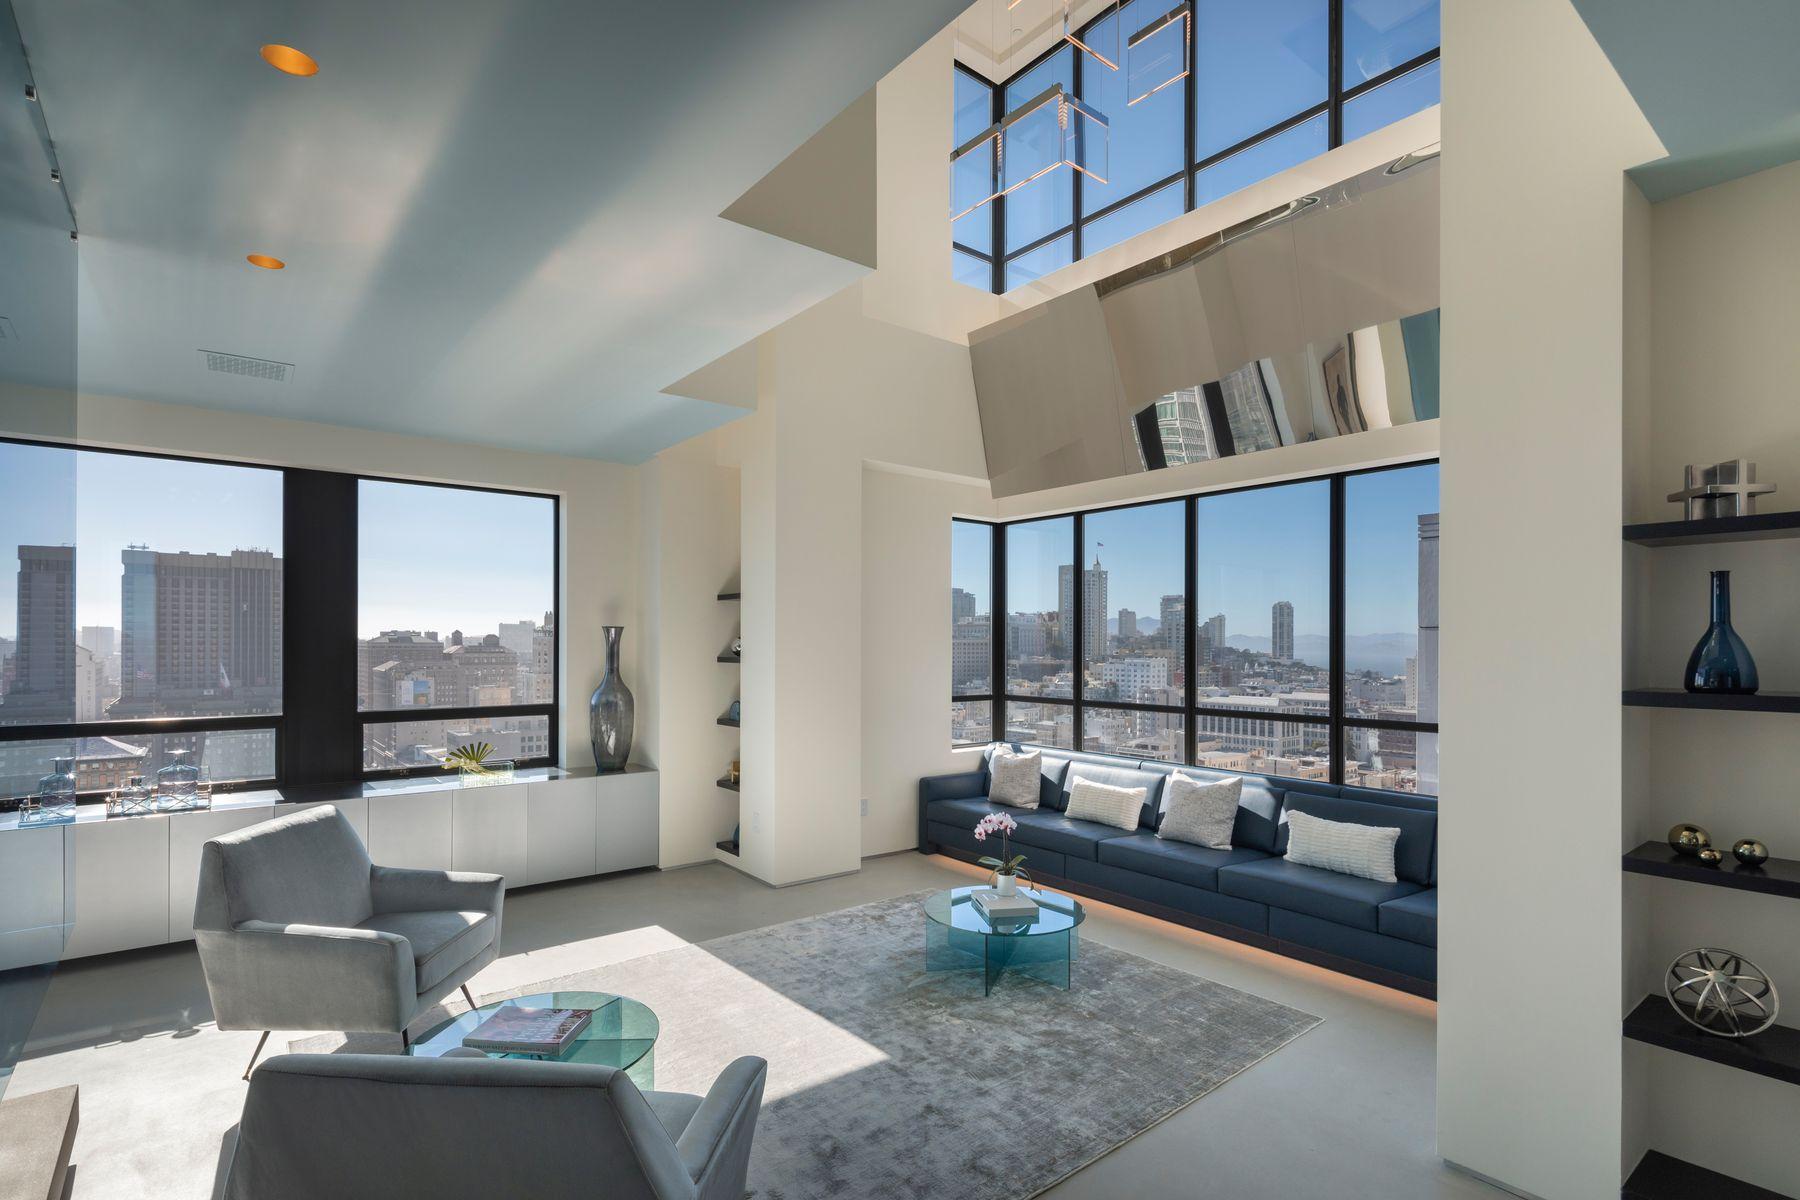 Condominiums 为 销售 在 Italian Modern Duplex Penthouse 690 Market St Penthouse 2401 旧金山, 加利福尼亚州 94104 美国